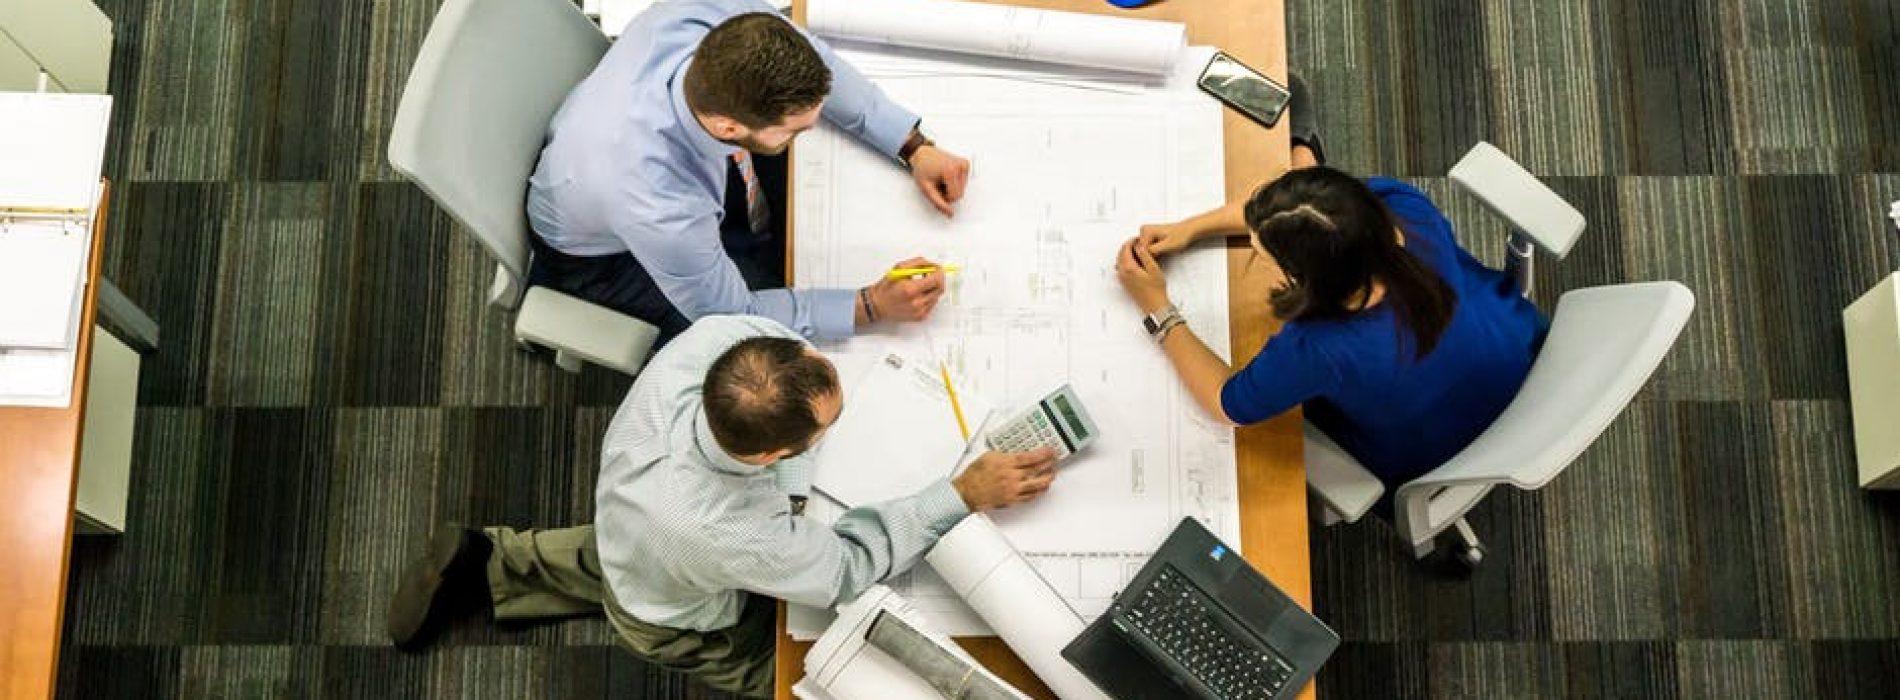 Какво трябва да знаете, за да бъдете успешен проектен мениджър?